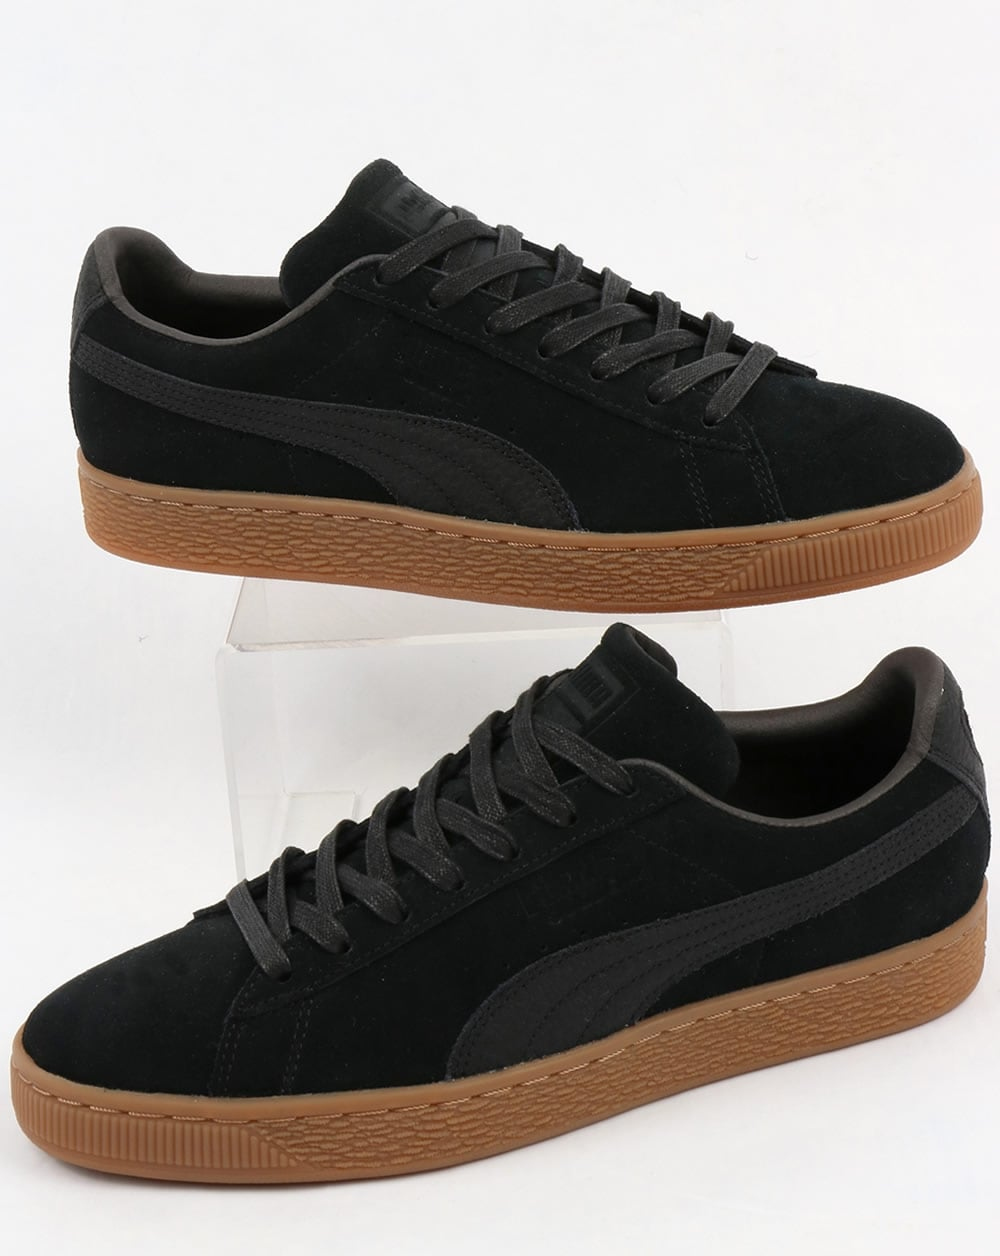 Zapatos De Goma De Negro Puma De Ante Clásica Exclusiva Formadores Para Hombre aybGuJ